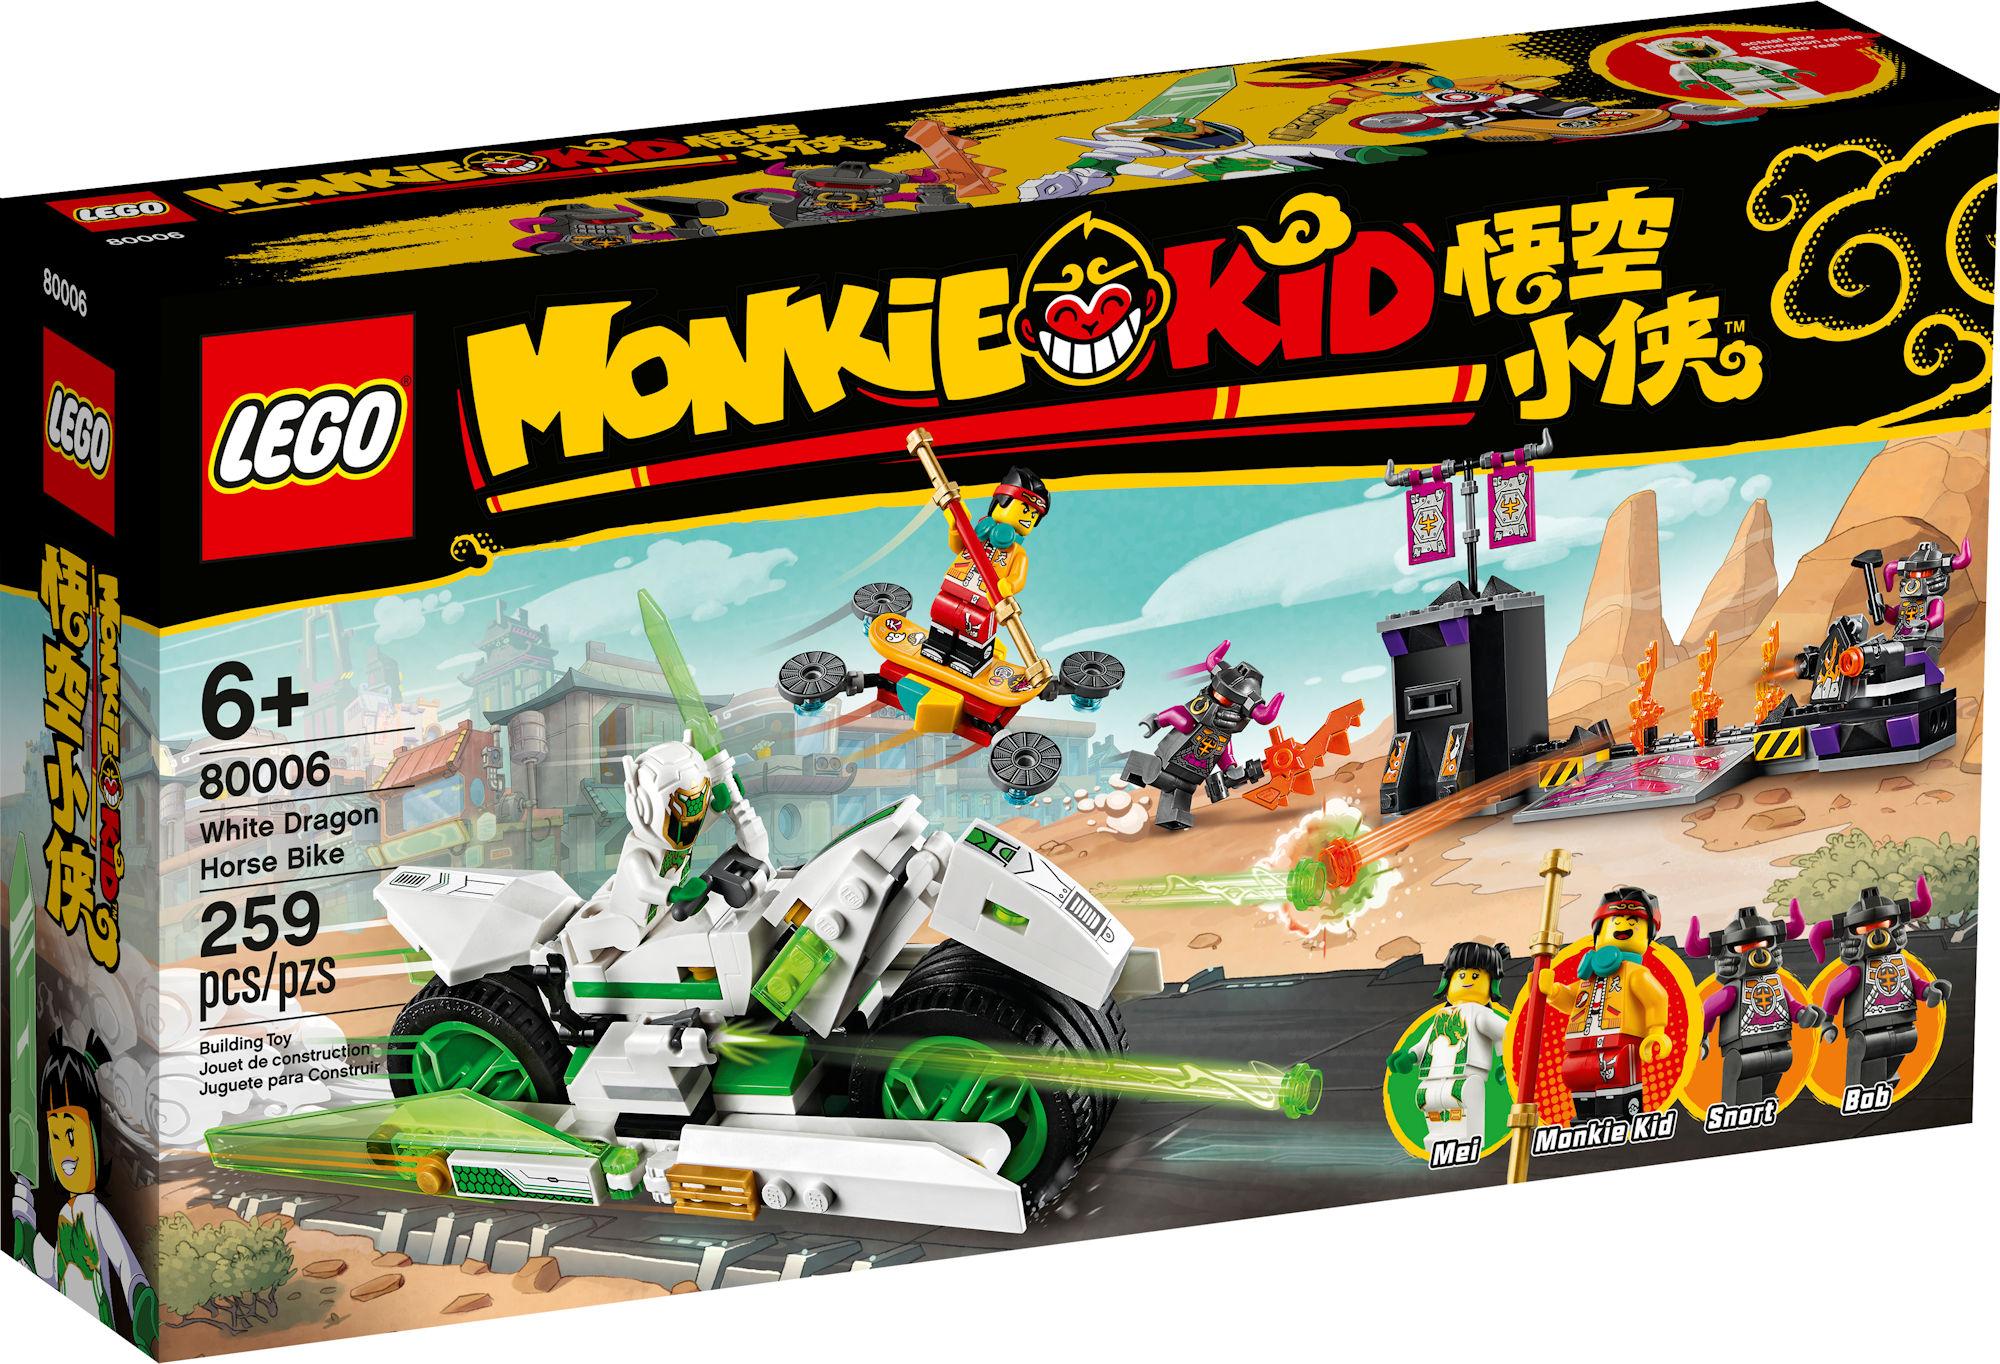 Monkie Kid Sets